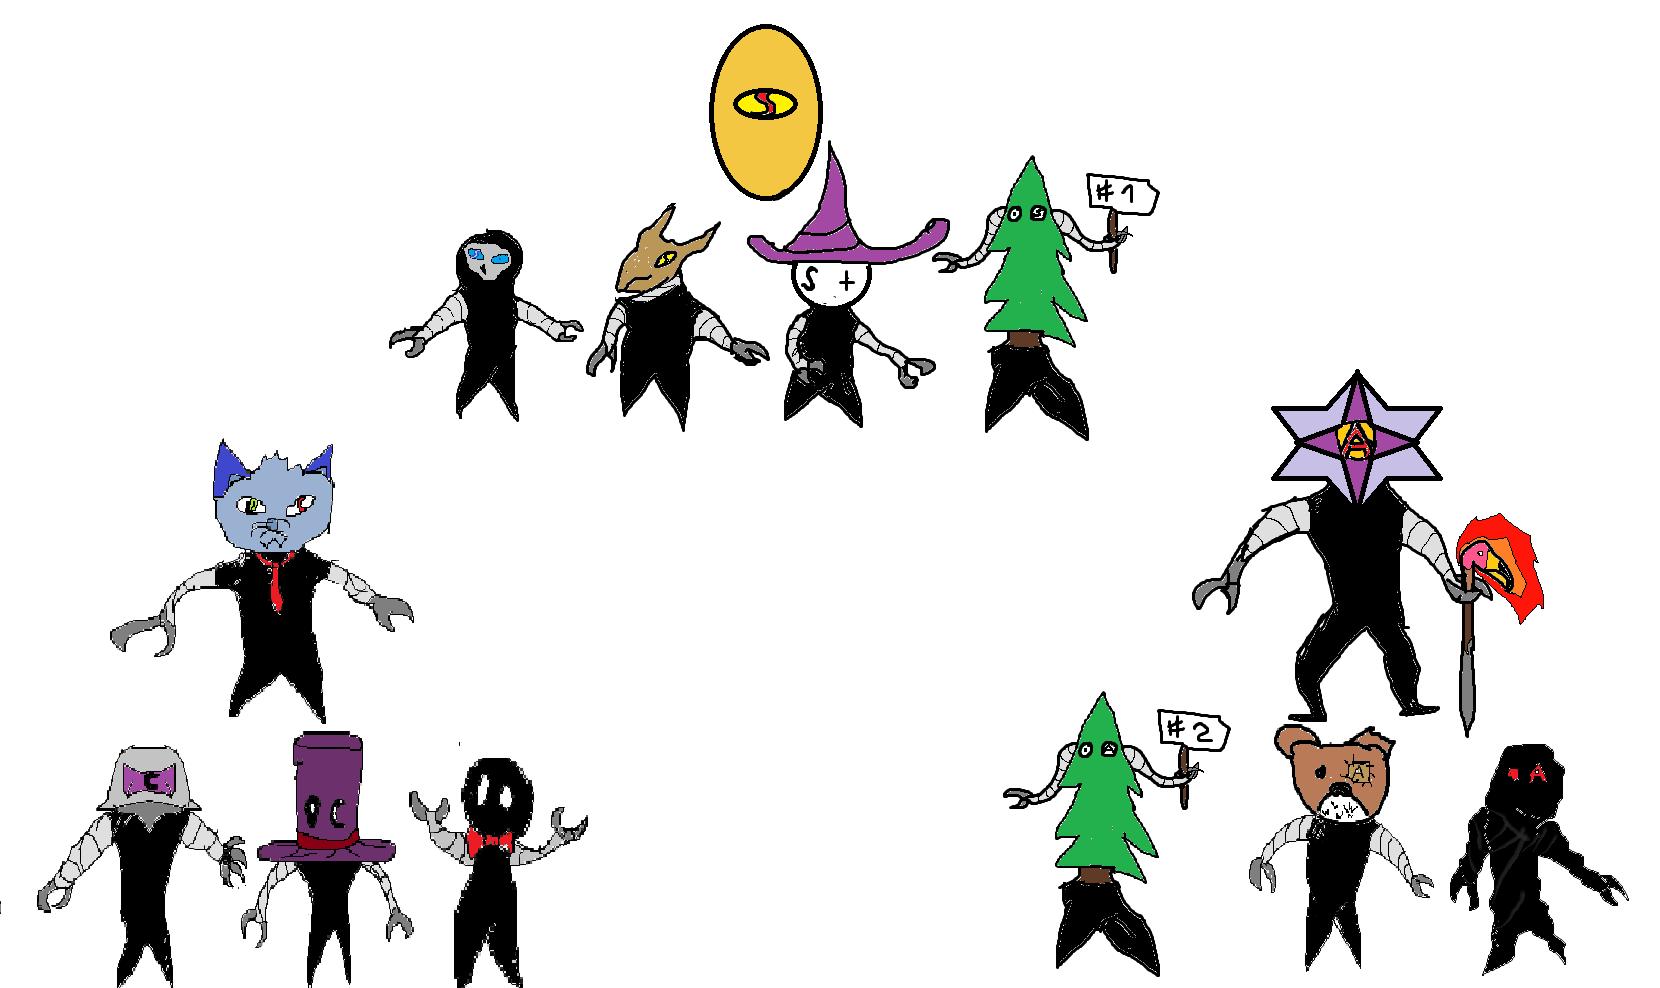 Excelsius — Mod Team Taleoids